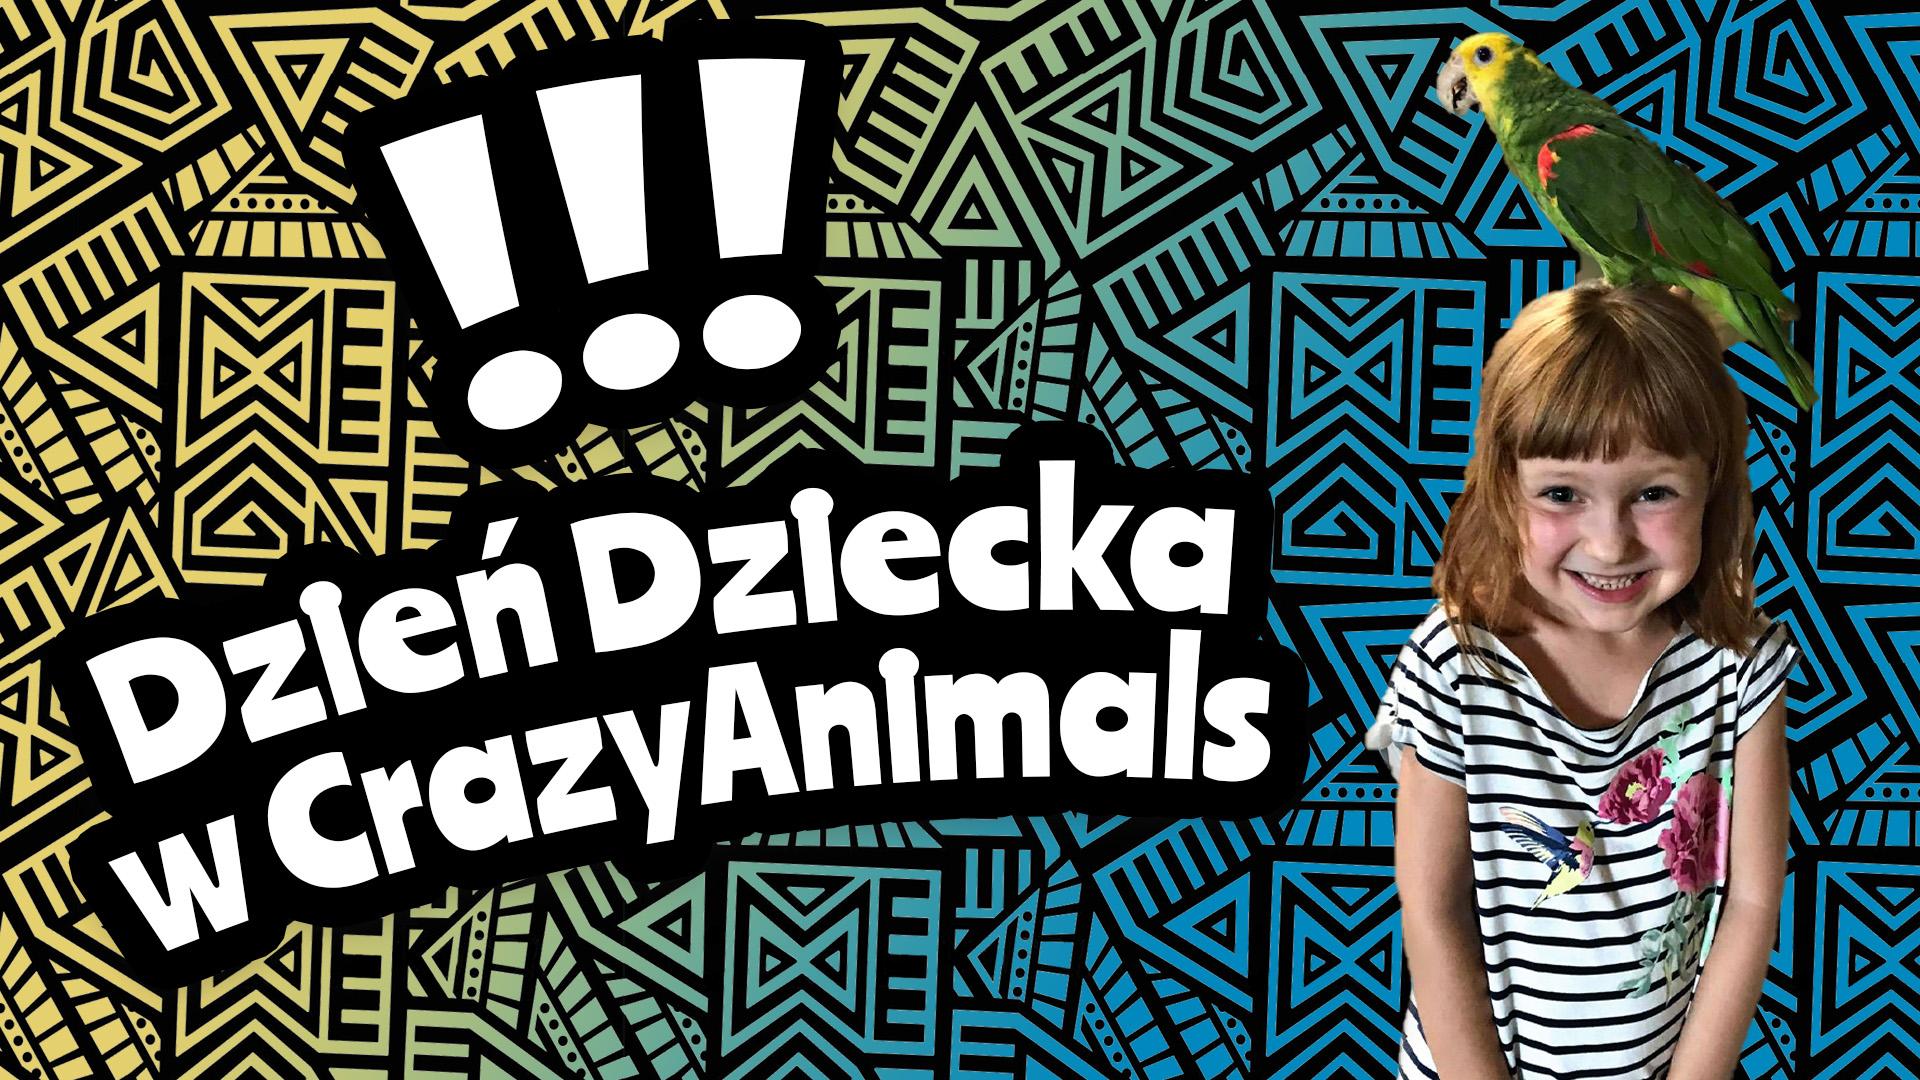 Dzień Dziecka w Crazy Animals!